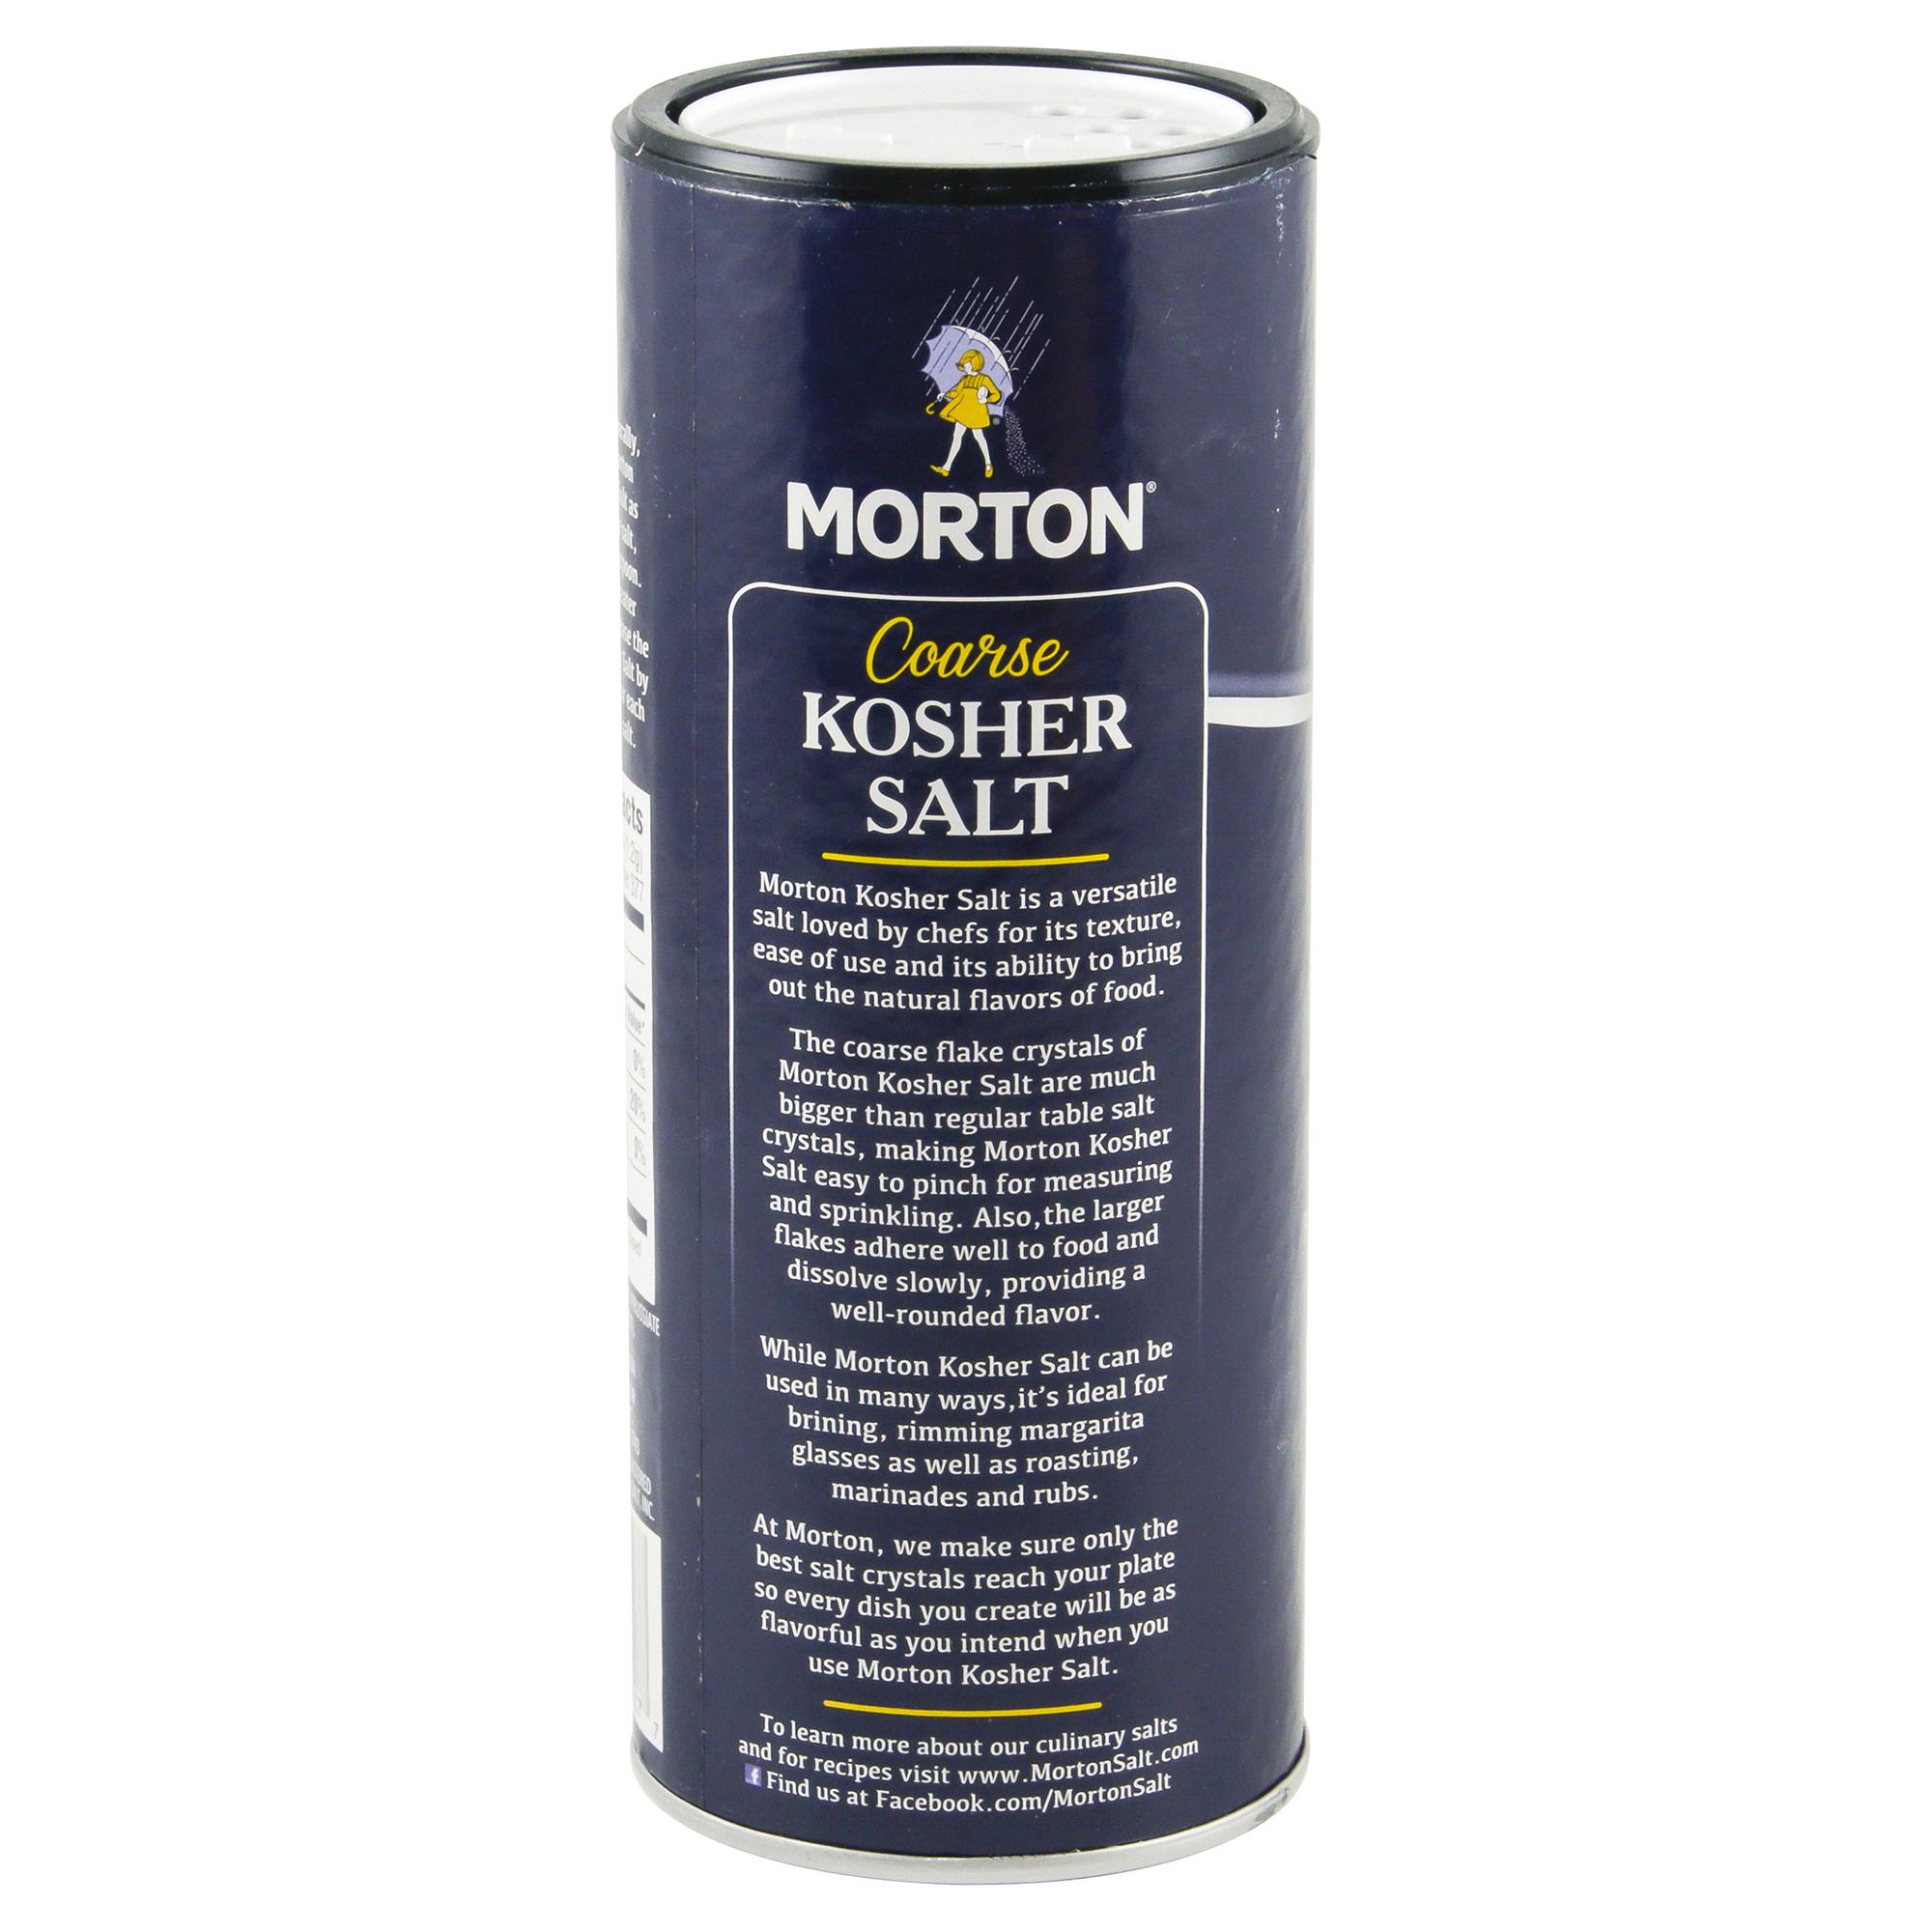 6035ea4eeb8d6 Morton Coarse Kosher Salt 16 oz